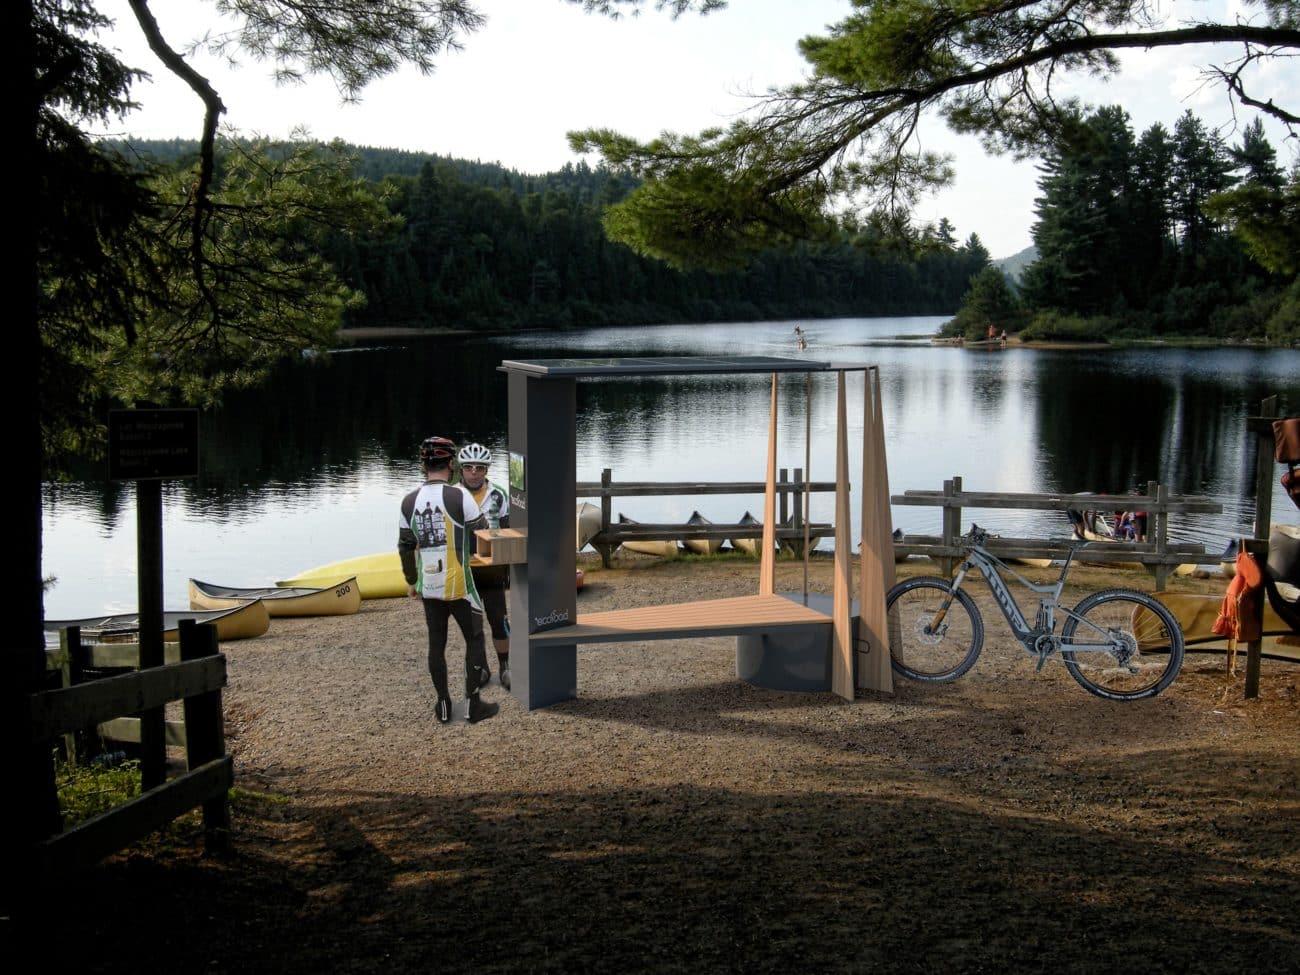 Teepee Station borne de recharge solaire design toute orientation pour vélo a assistance électrique